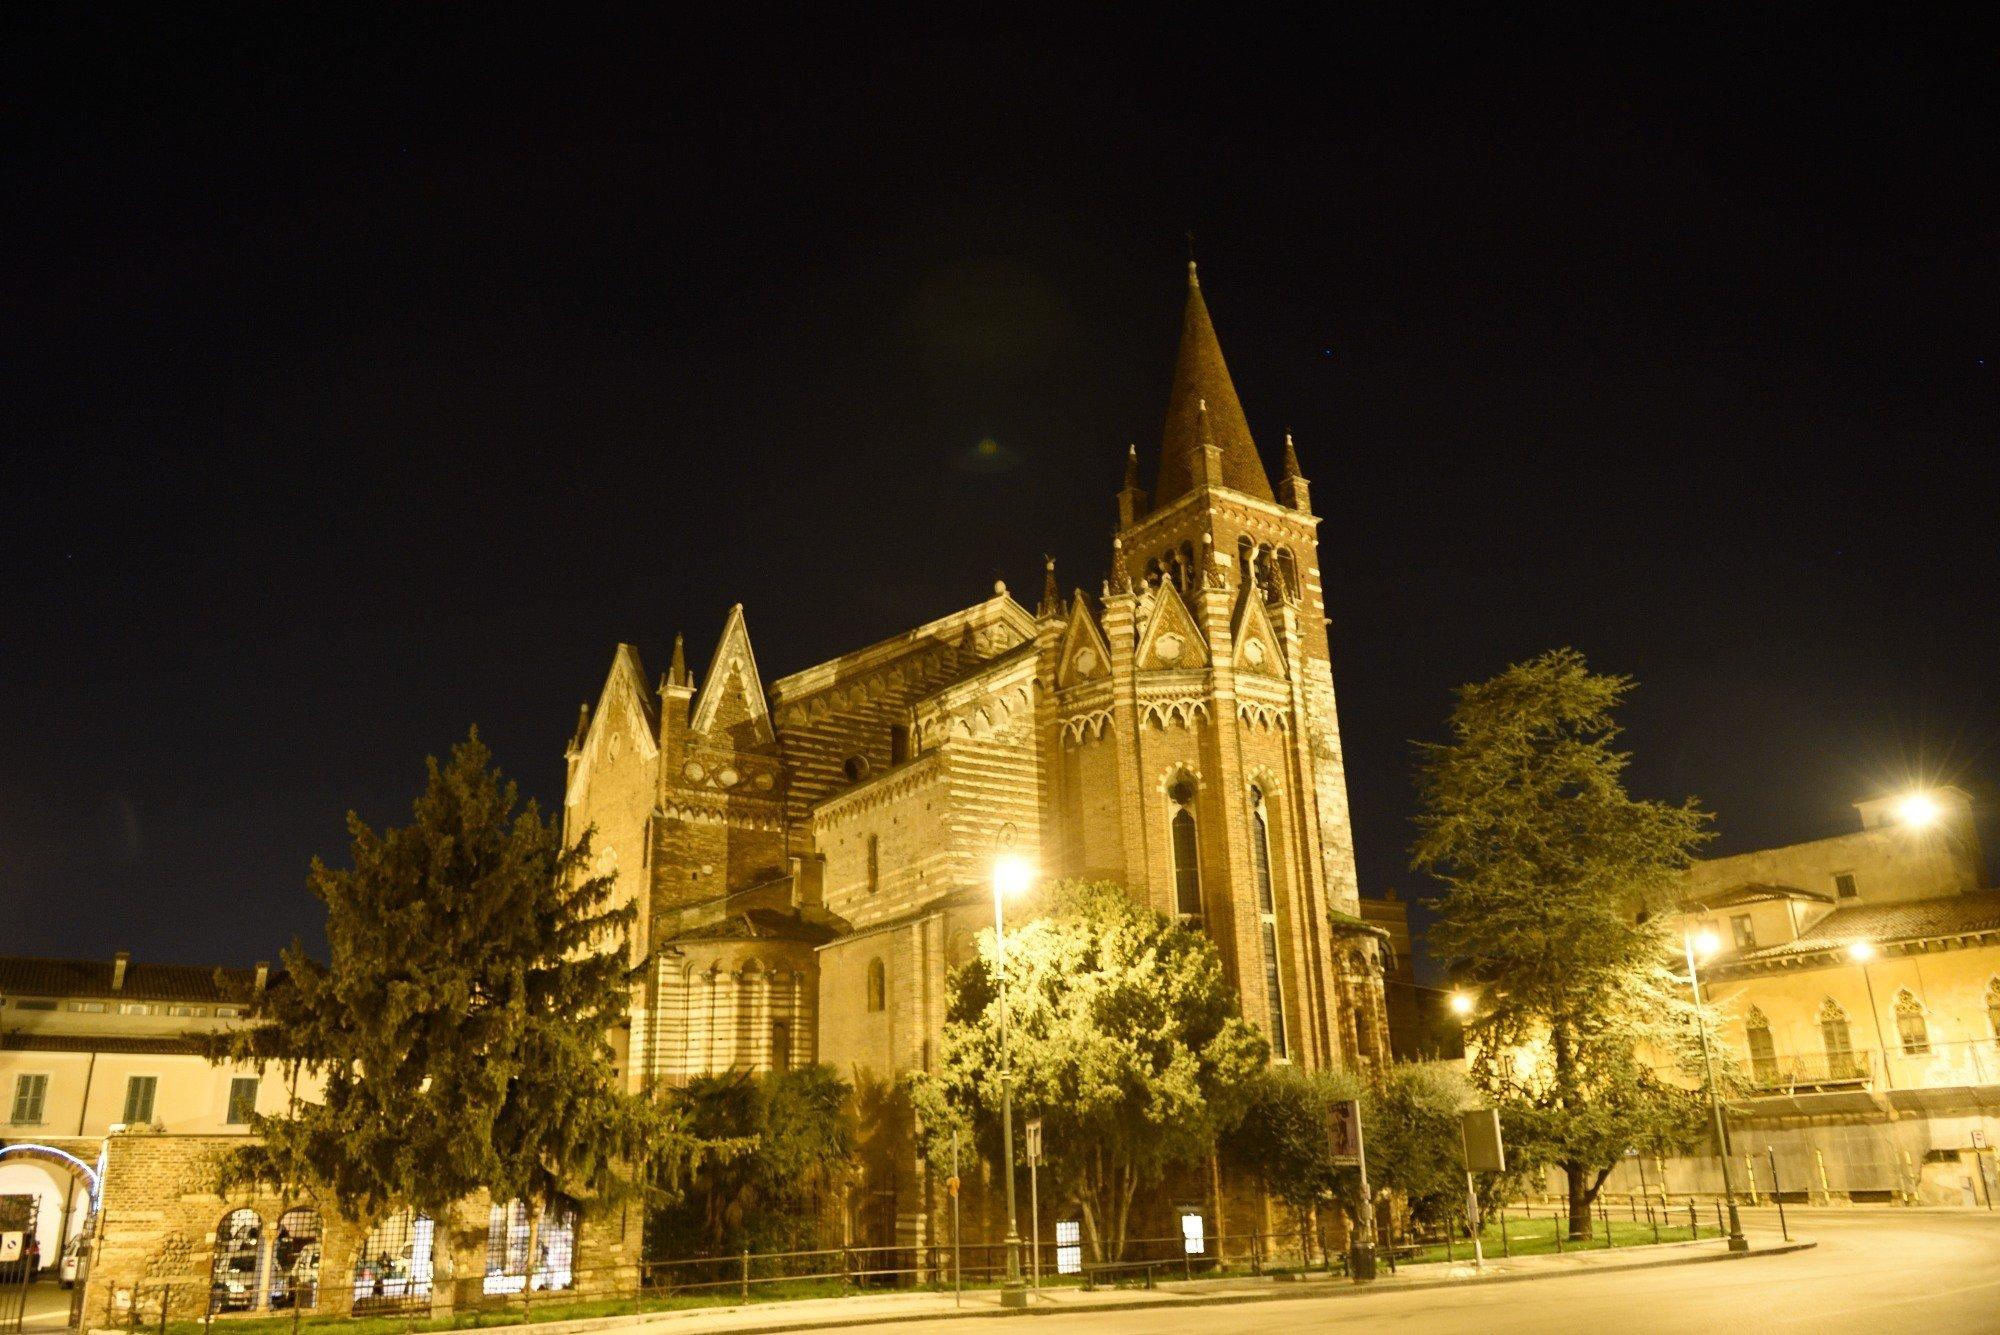 Chiesa di San Fermo - Verona - Templari Cattolici foto 01